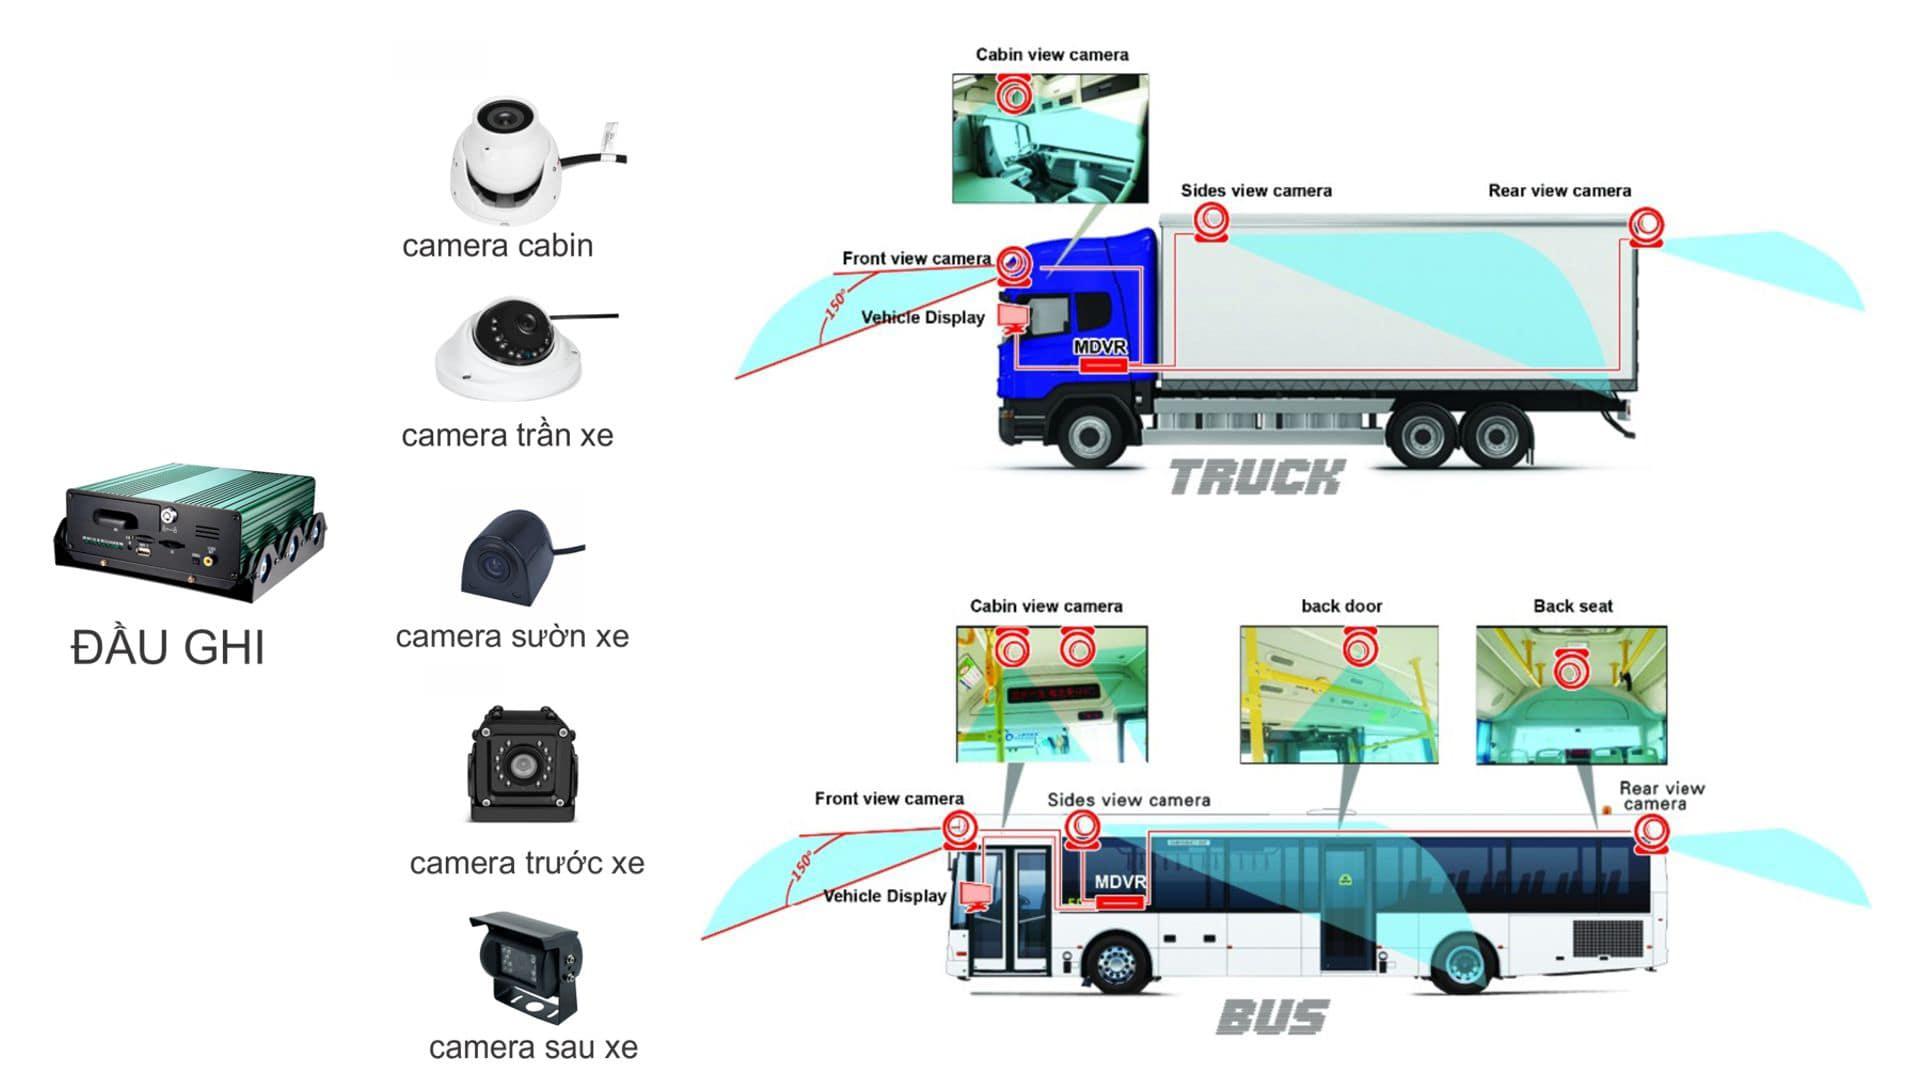 lắp đặt đầu ghi camera hành trình cho phương tiện vận tải theo nghị định 10